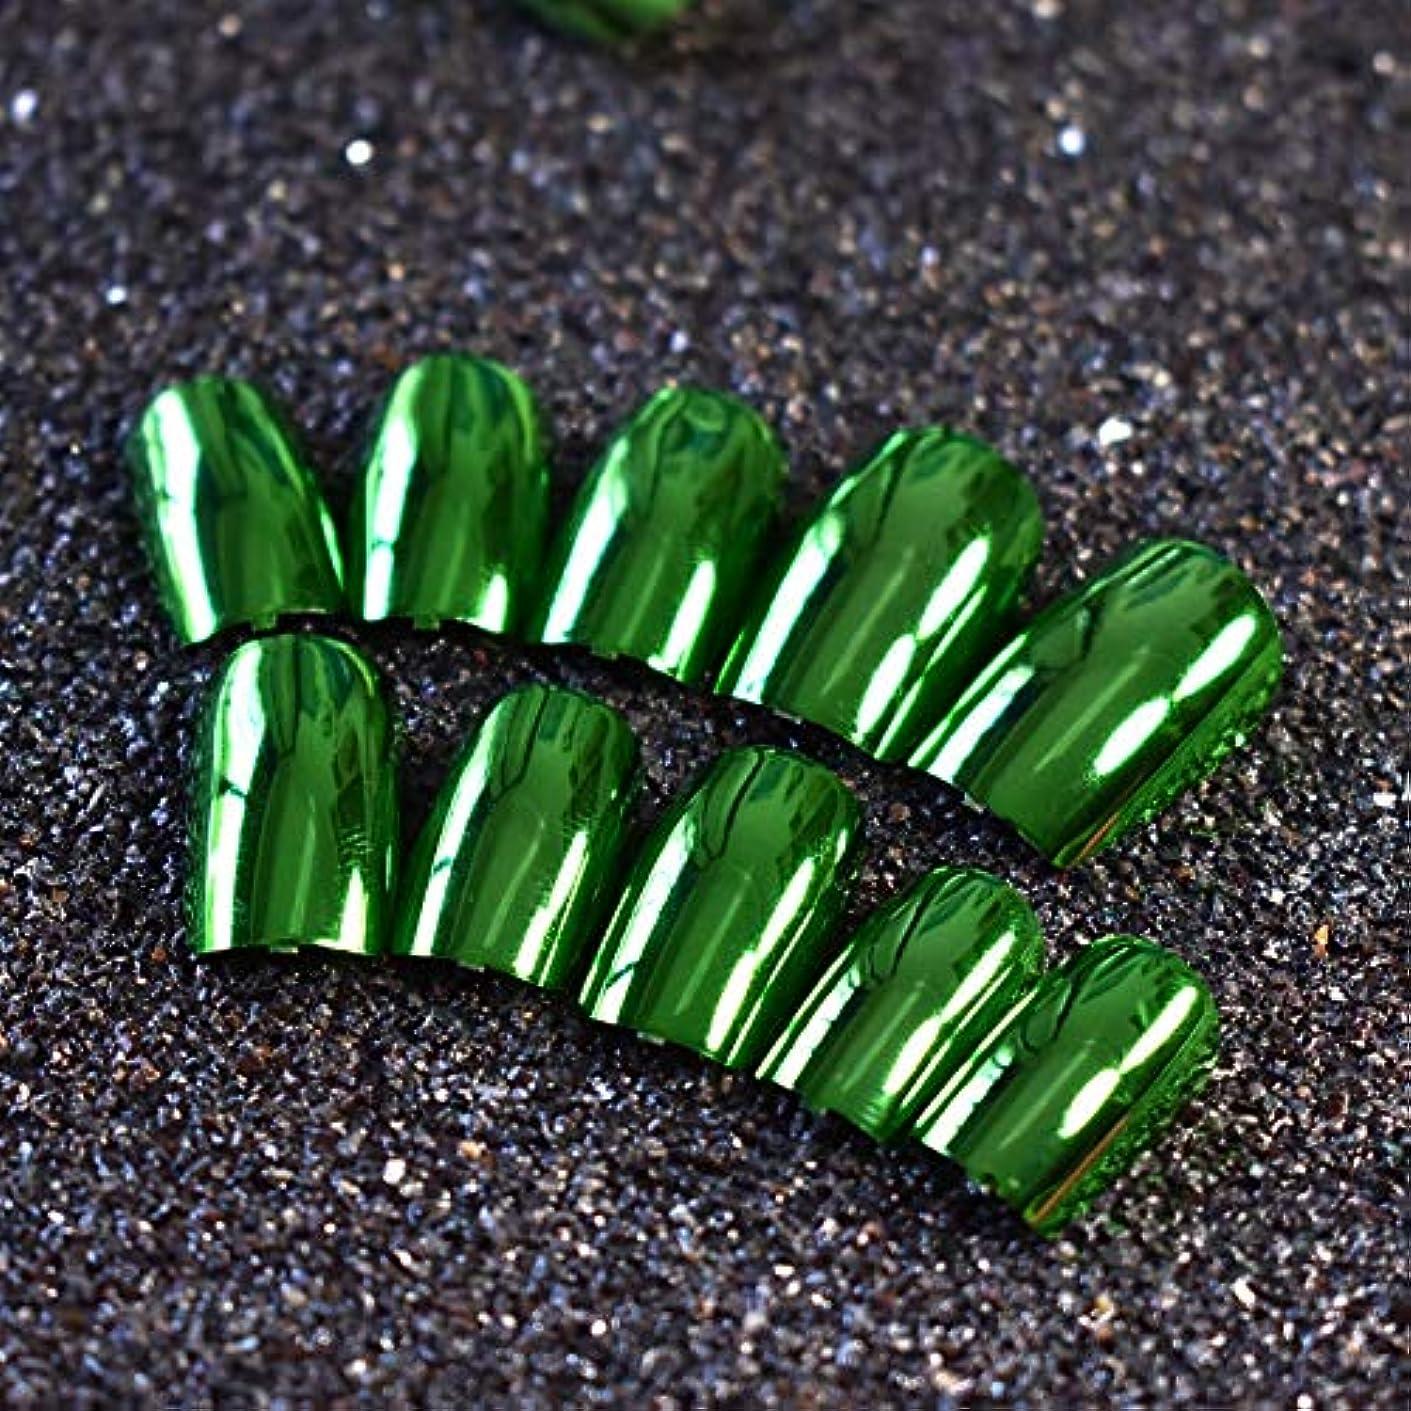 イソギンチャク読者疲れたXUTXZKA 24ピースメタリックグリーン偽ネイルフルカバーフェイクネイル人工装飾用のヒントマニキュアツール